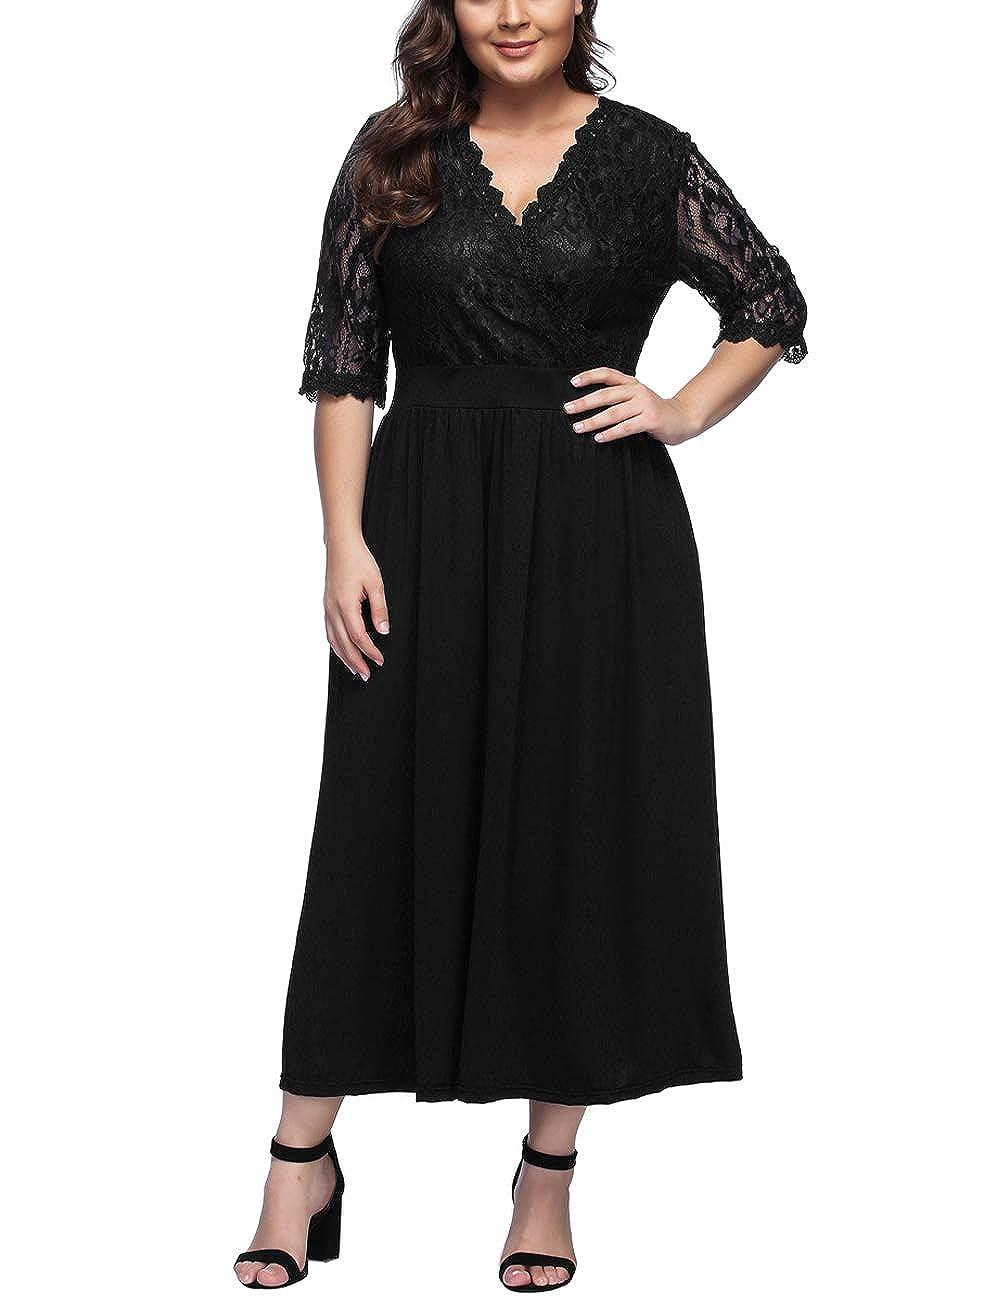 TALLA XXL/ES 50-52. FeelinGirl 1950 Año Retro A-Línea Falda de Fiesta para Mujer Negro-127 XXL/ES 50-52